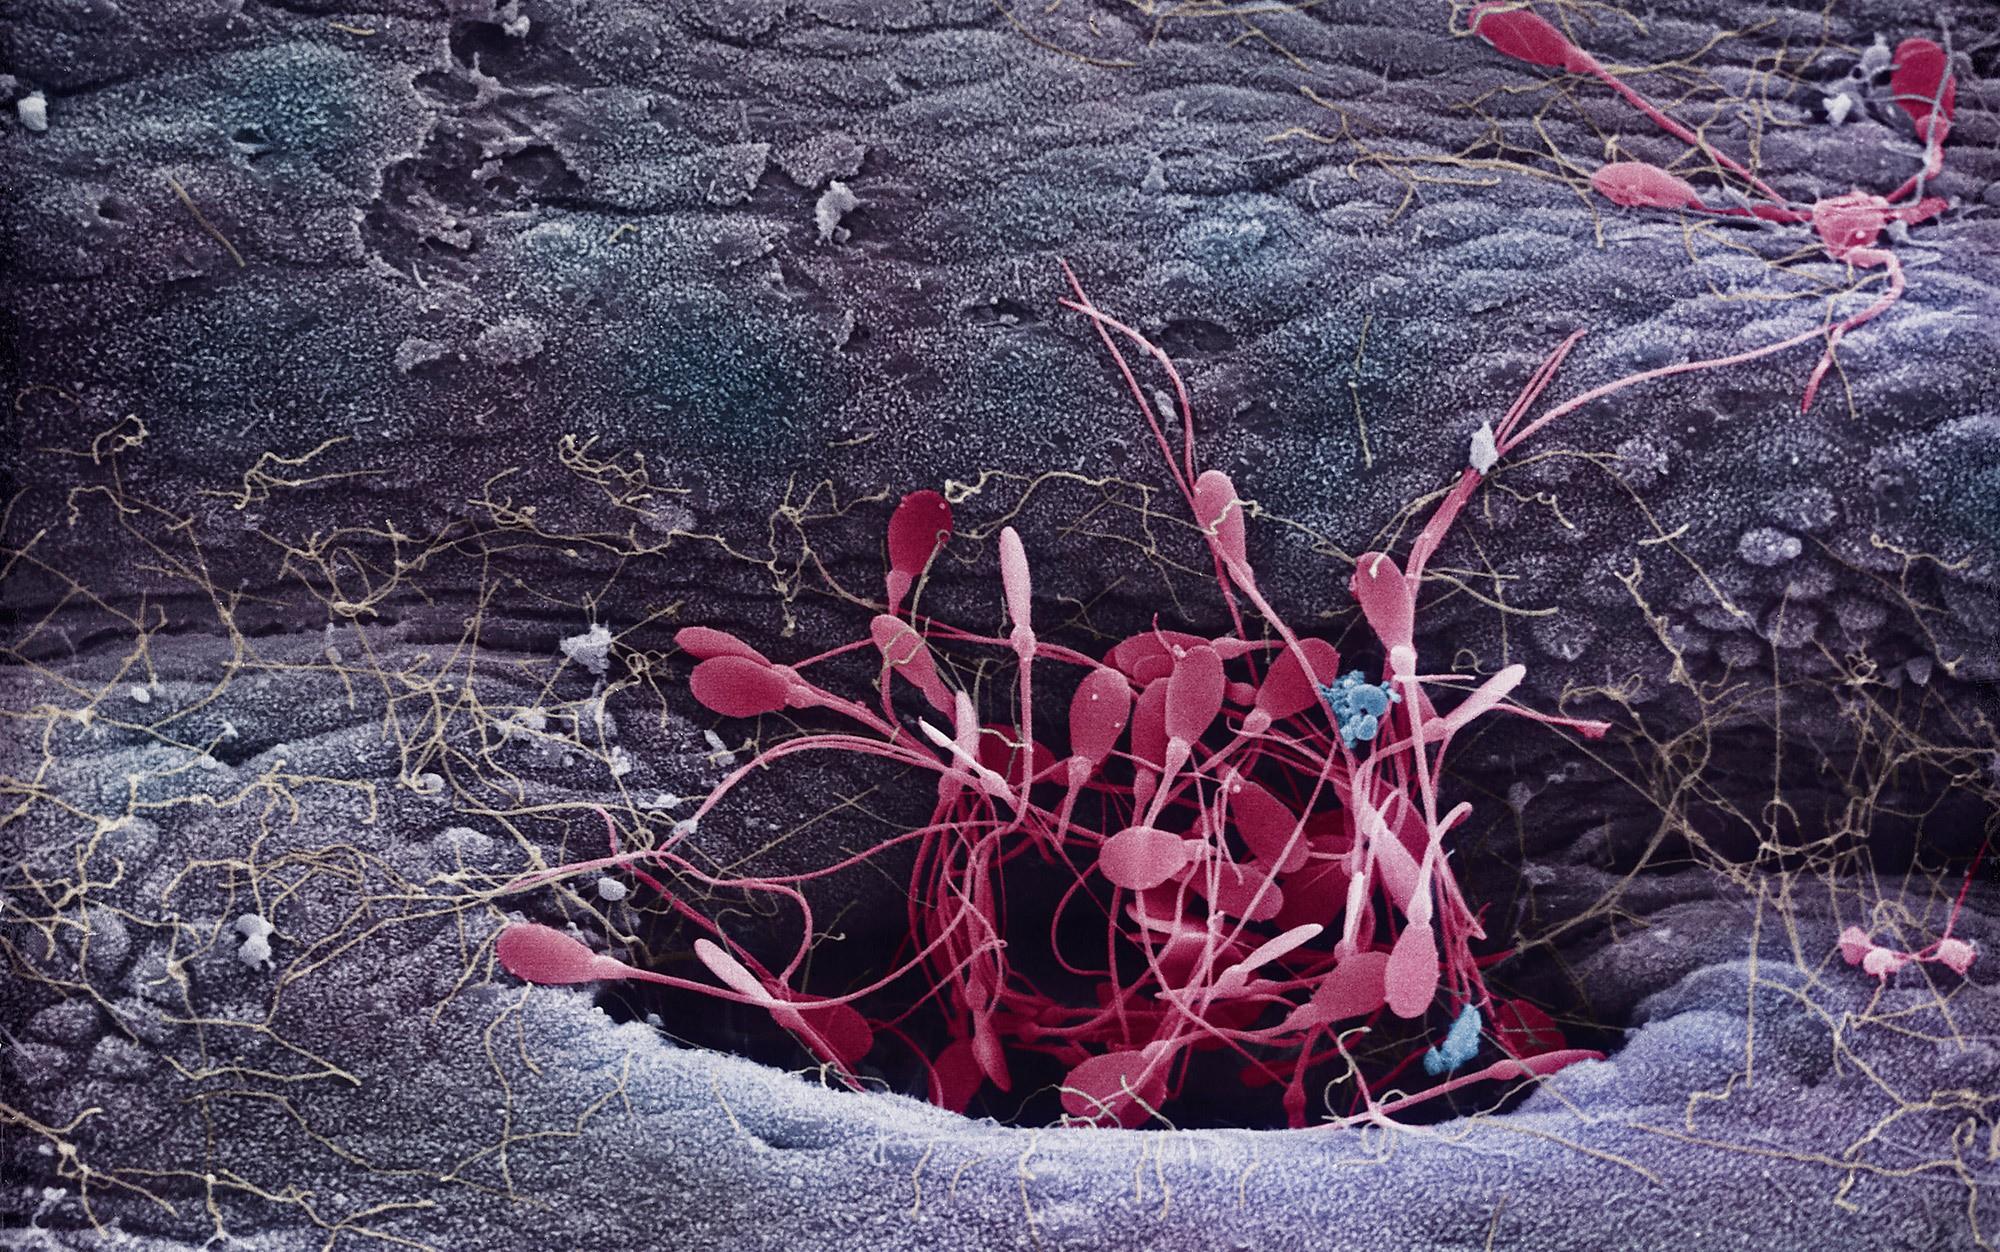 Chuyện chưa kể về cuộc đua của tinh trùng: Nhẩn nha, thoải mái, khốc liệt và không phải càng nhiều càng tốt - Ảnh 3.